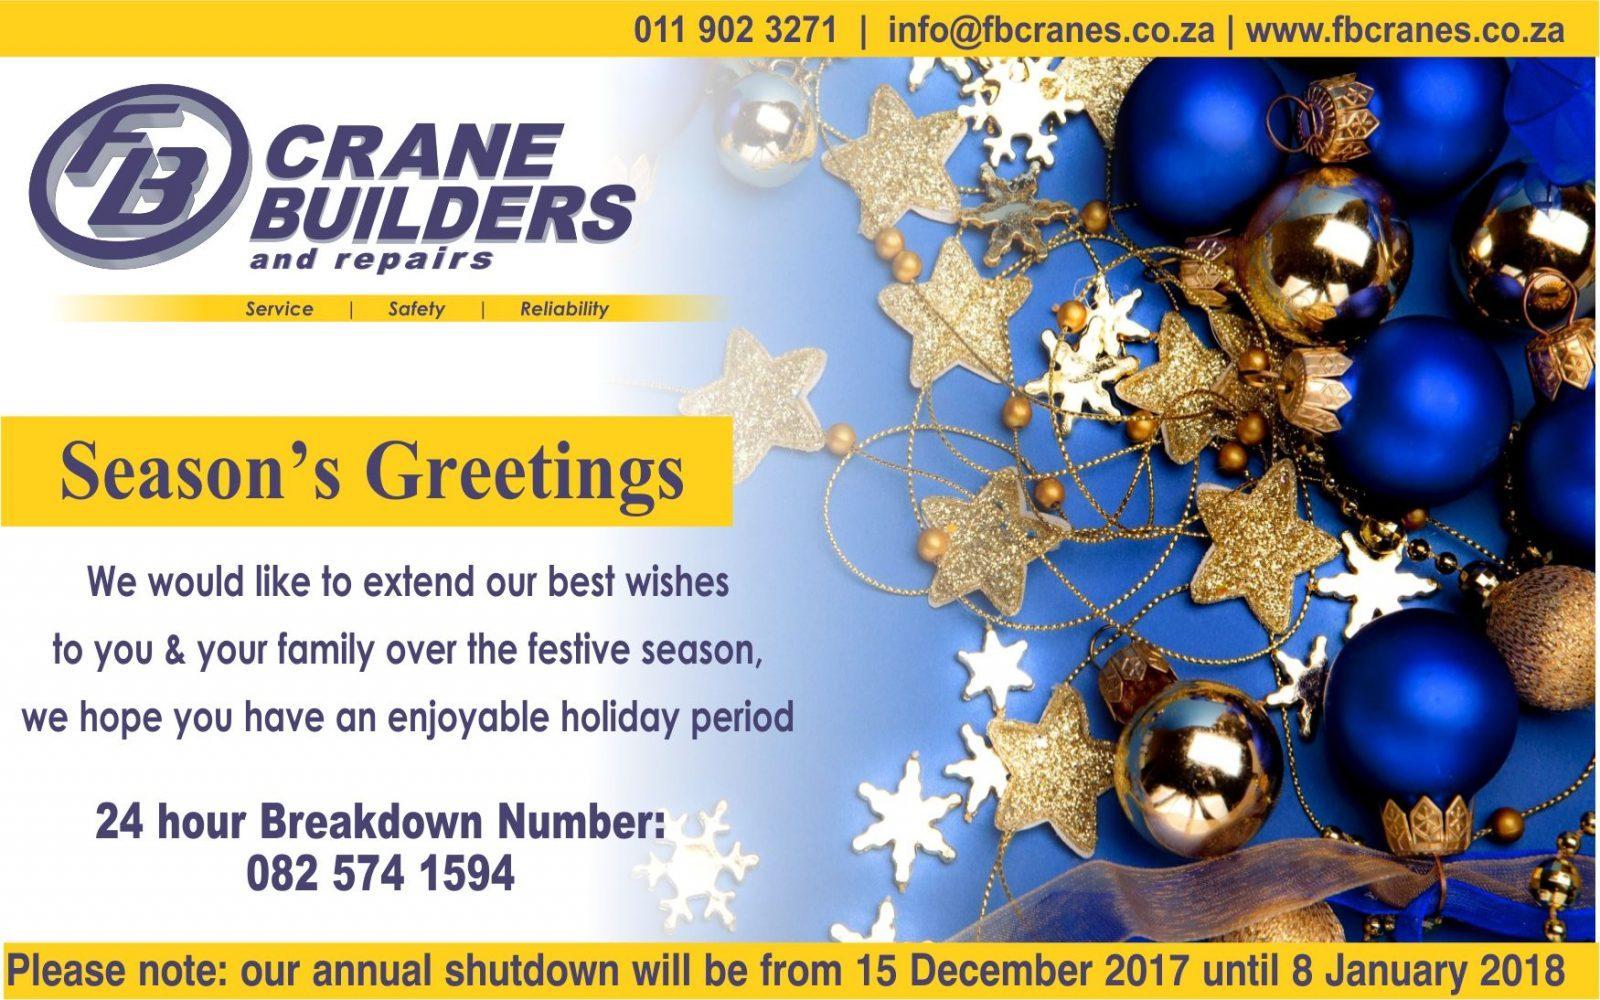 FB Crane Builders and Repairs - Season's Greetings